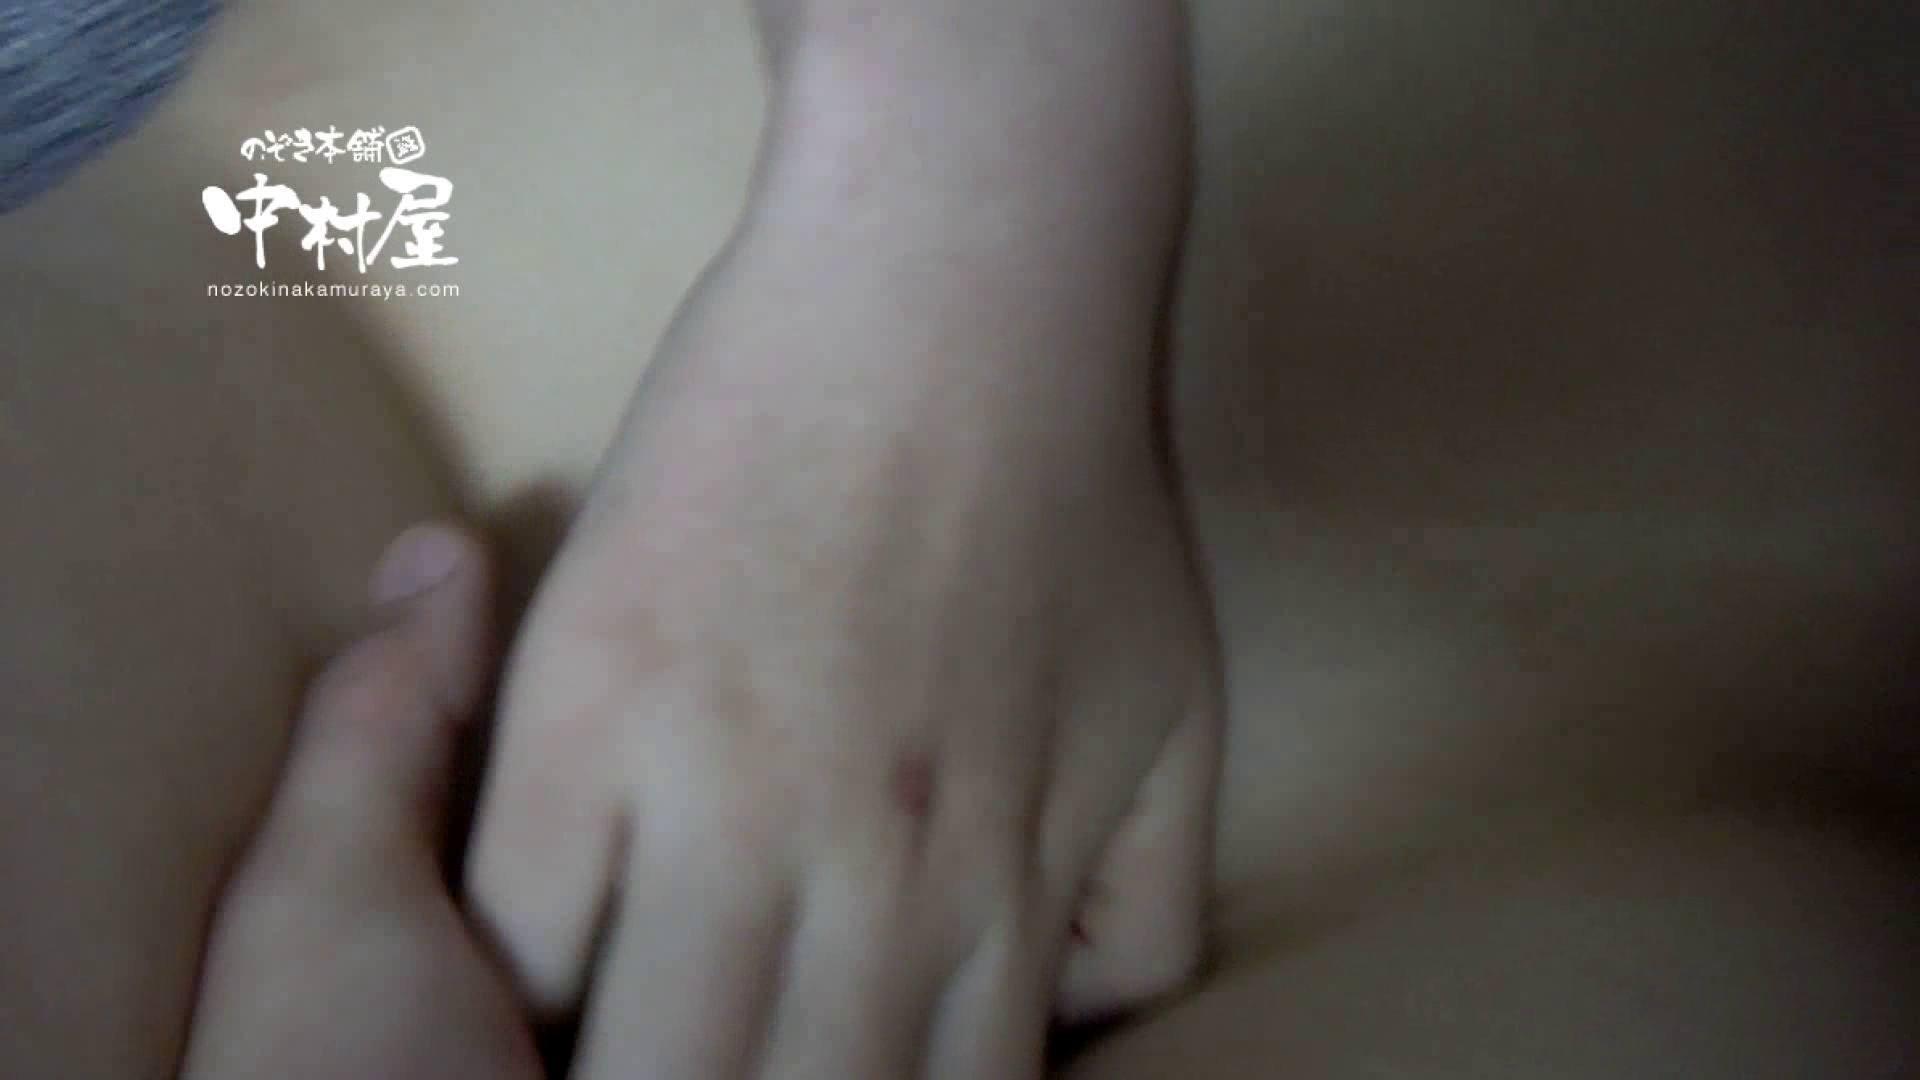 鬼畜 vol.16 実はマンざらでもない柔らかおっぱいちゃん 前編 OLのエロ生活 SEX無修正画像 66連発 8